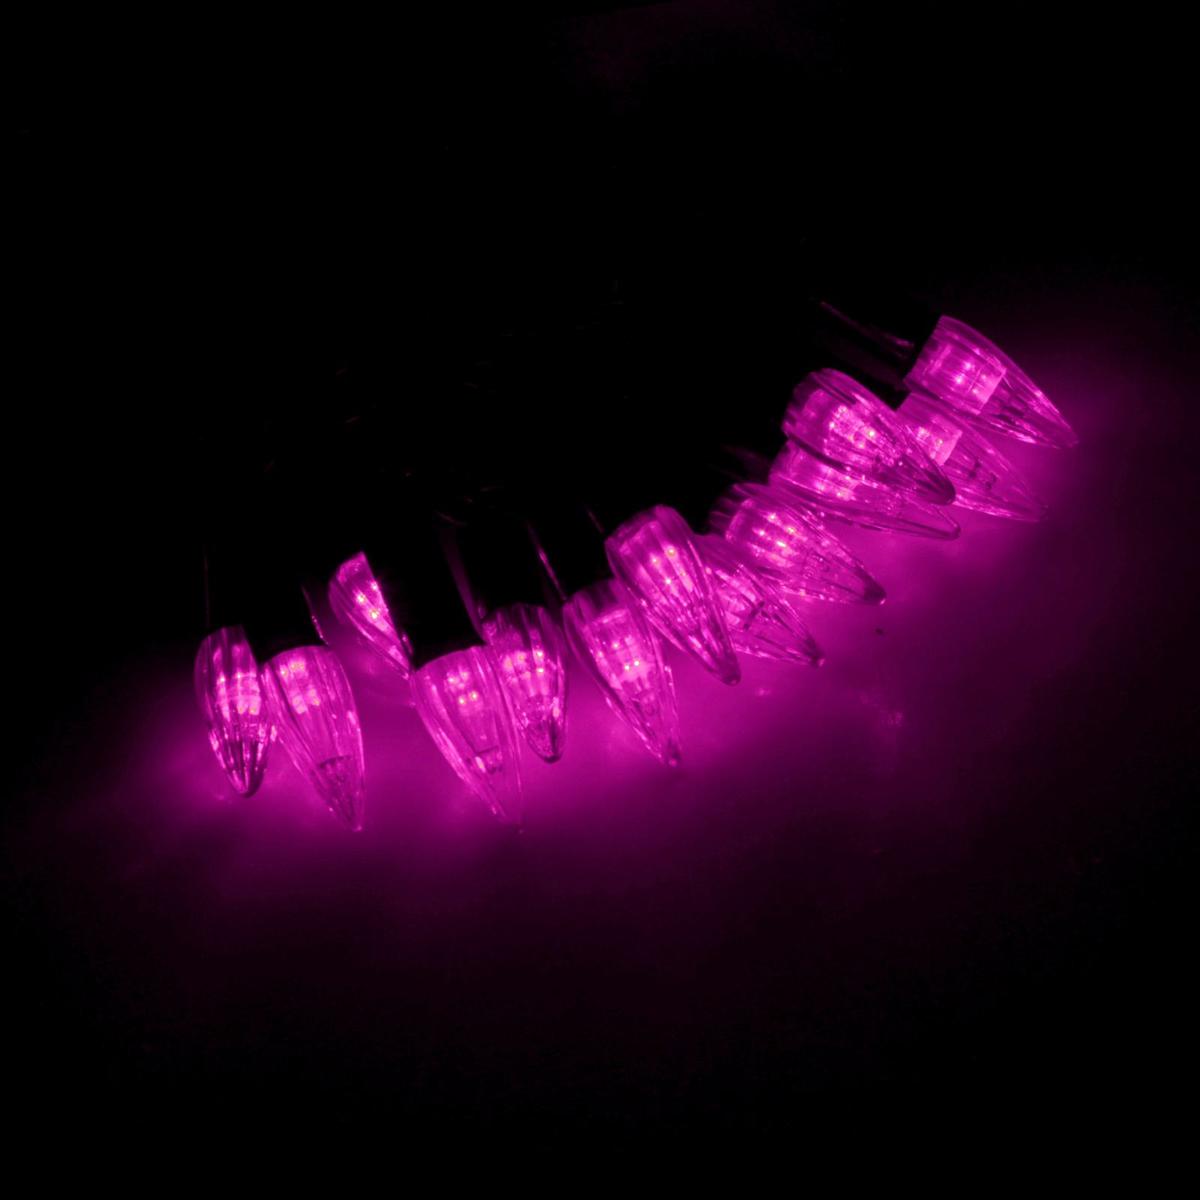 Гирлянда светодиодная Luazon Метраж. Свечки, уличная с насадкой, фиксинг, 40 ламп, 220 V, 5 м, цвет: розовый. 1855544670025843928Светодиодные гирлянды, ленты и т.д. — это отличный вариант для новогоднего оформления интерьера или фасада. С их помощью помещение любого размера можно превратить в праздничный зал, а внешние элементы зданий, украшенные ими, мгновенно станут напоминать очертания сказочного дворца. Такие украшения создают ауру предвкушения чуда. Деревья, фасады, витрины, окна и арки будто специально созданы, чтобы вы украсили их светящимися нитями.